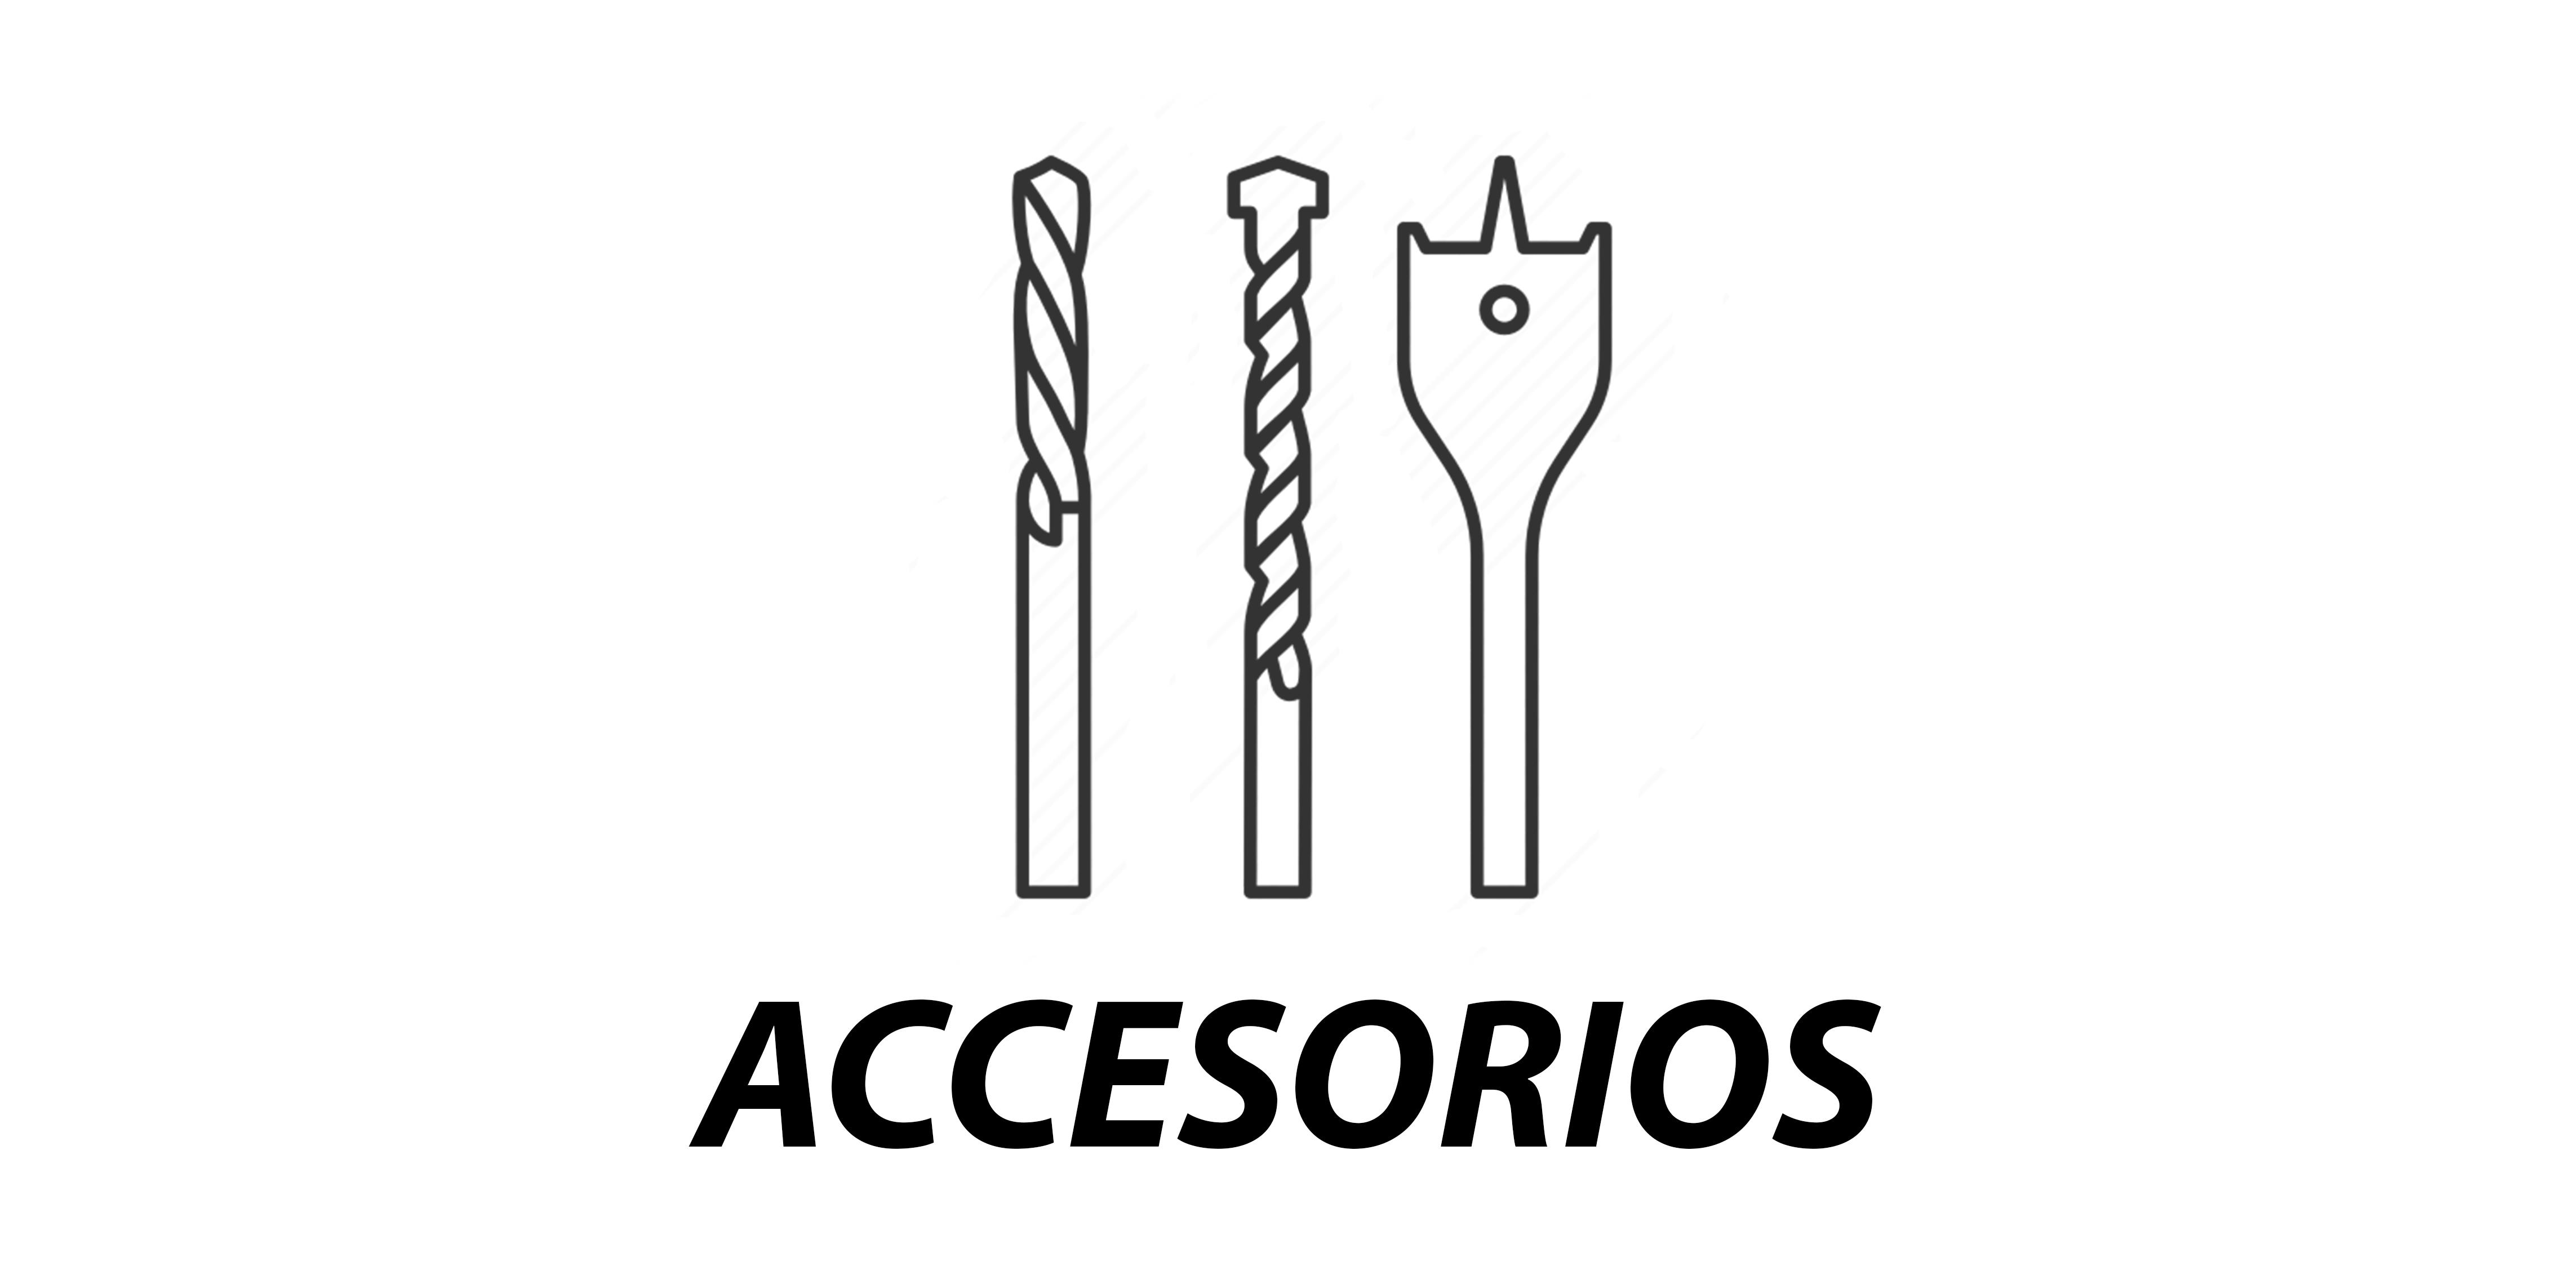 Accesorios en Ser Viso Mex